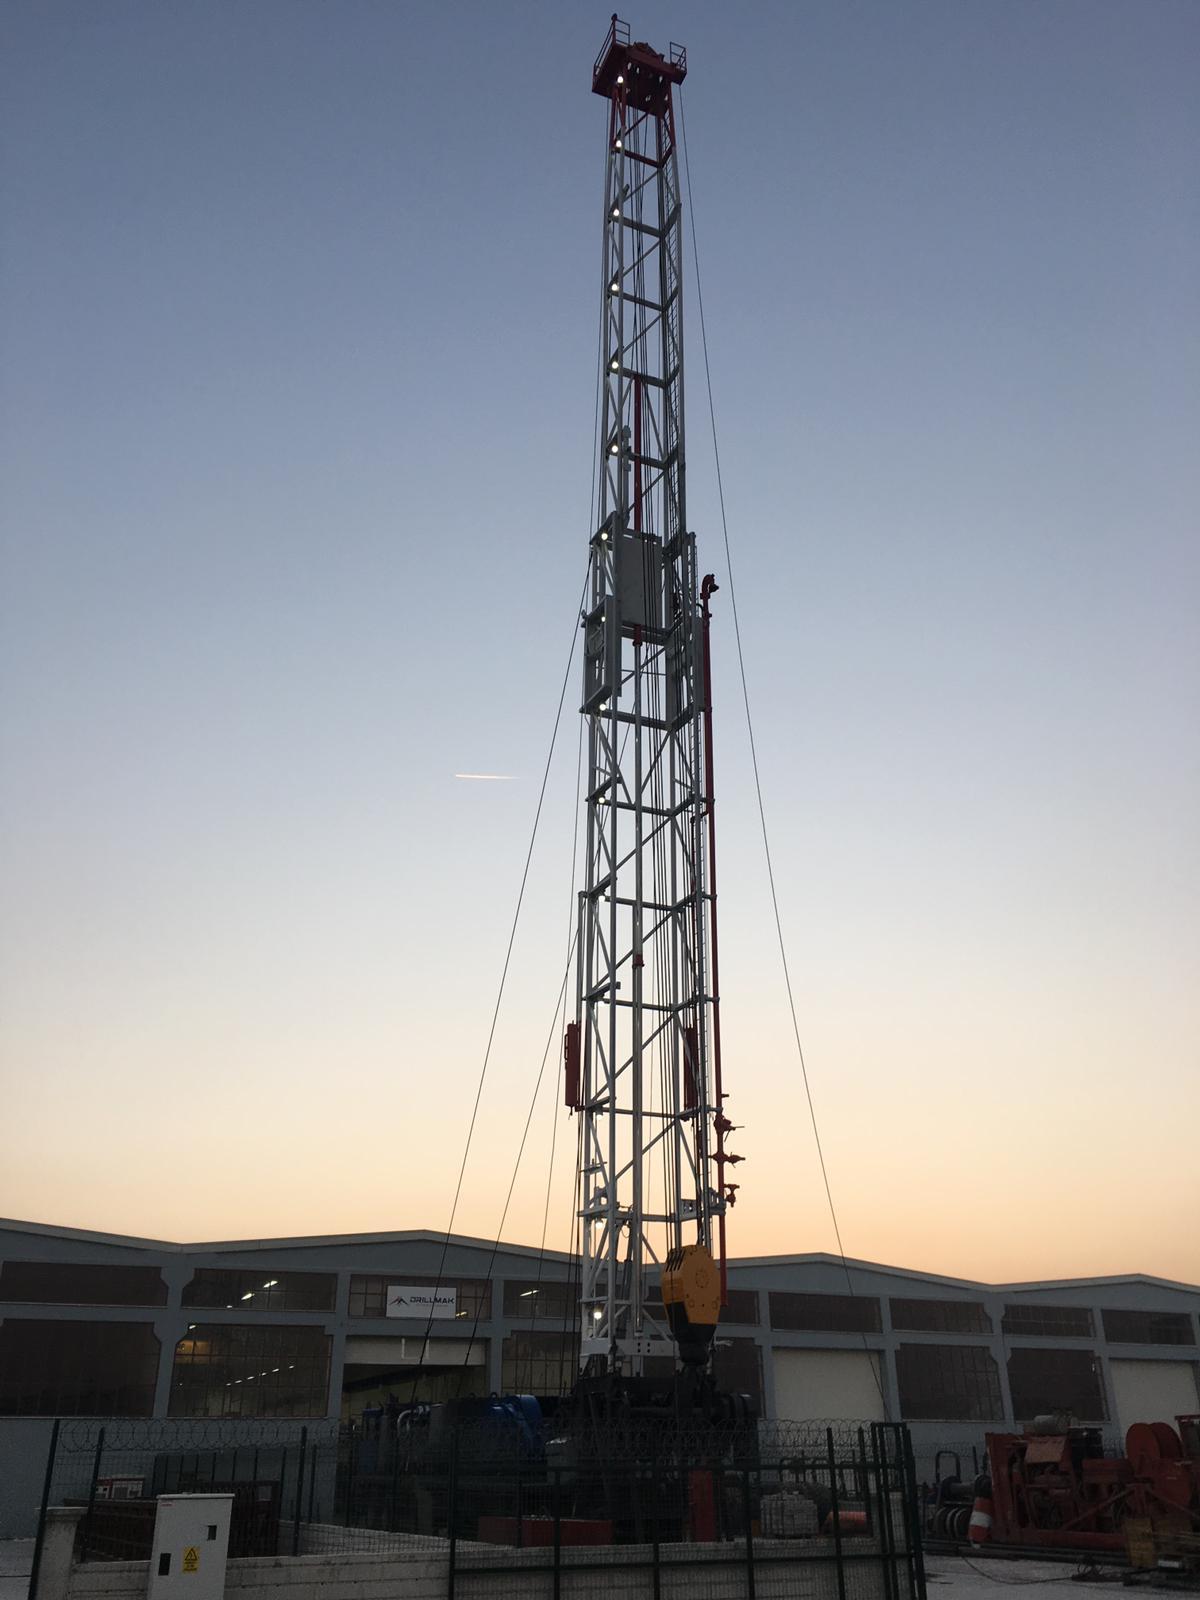 2500 Meter Drilling Rig